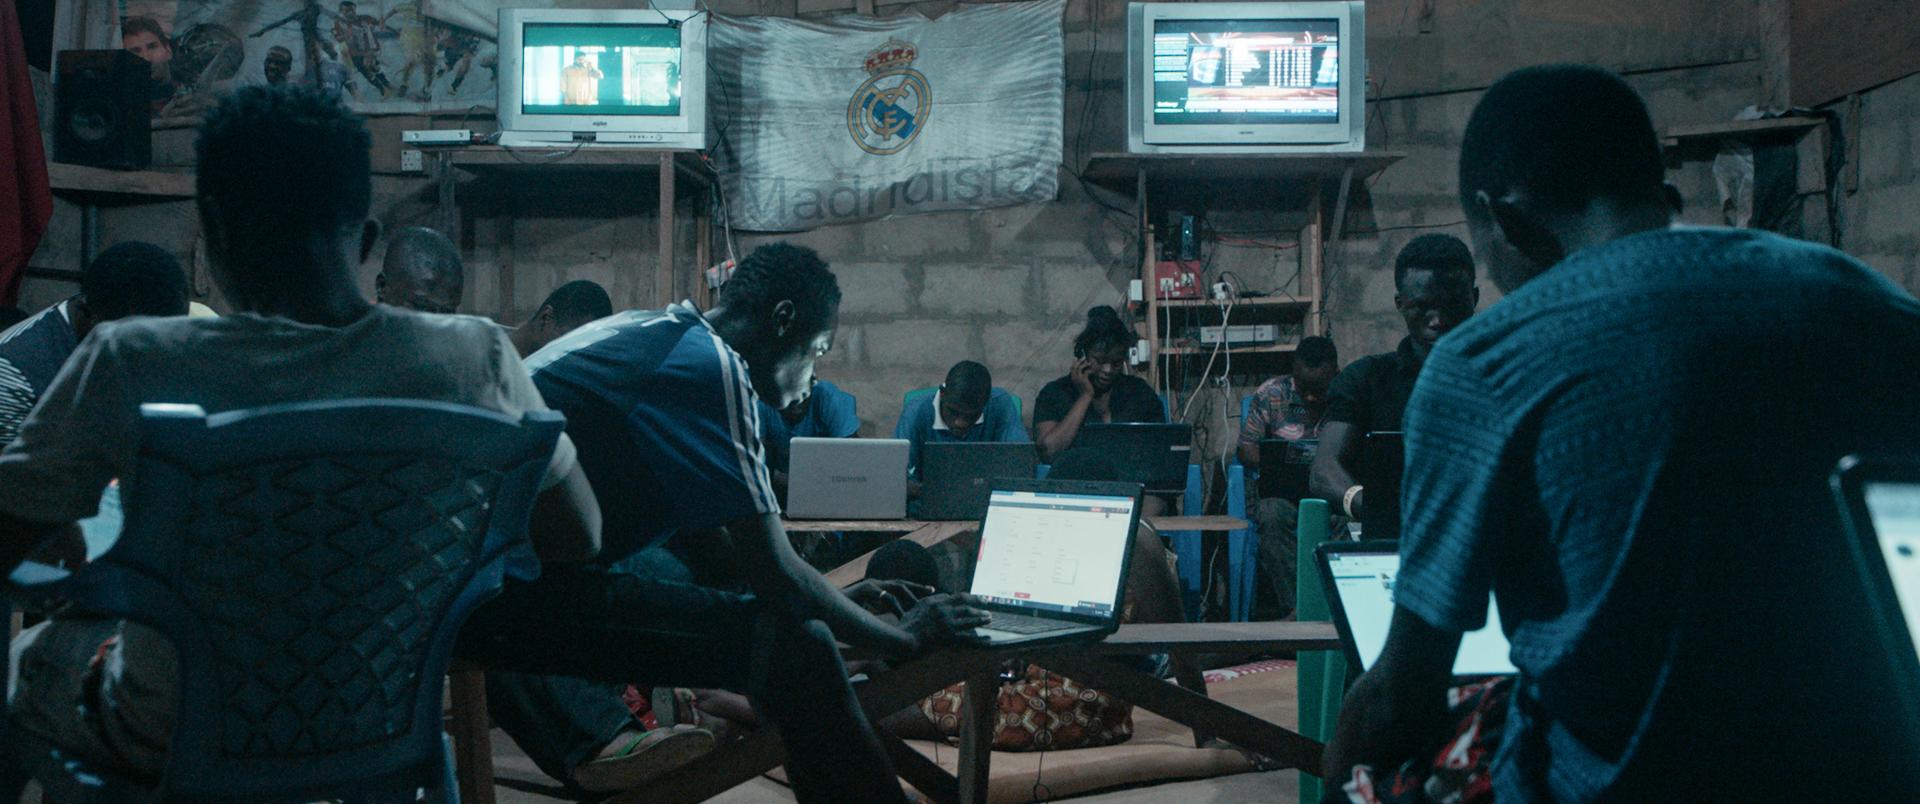 online podvody ghana datování 70. let paul